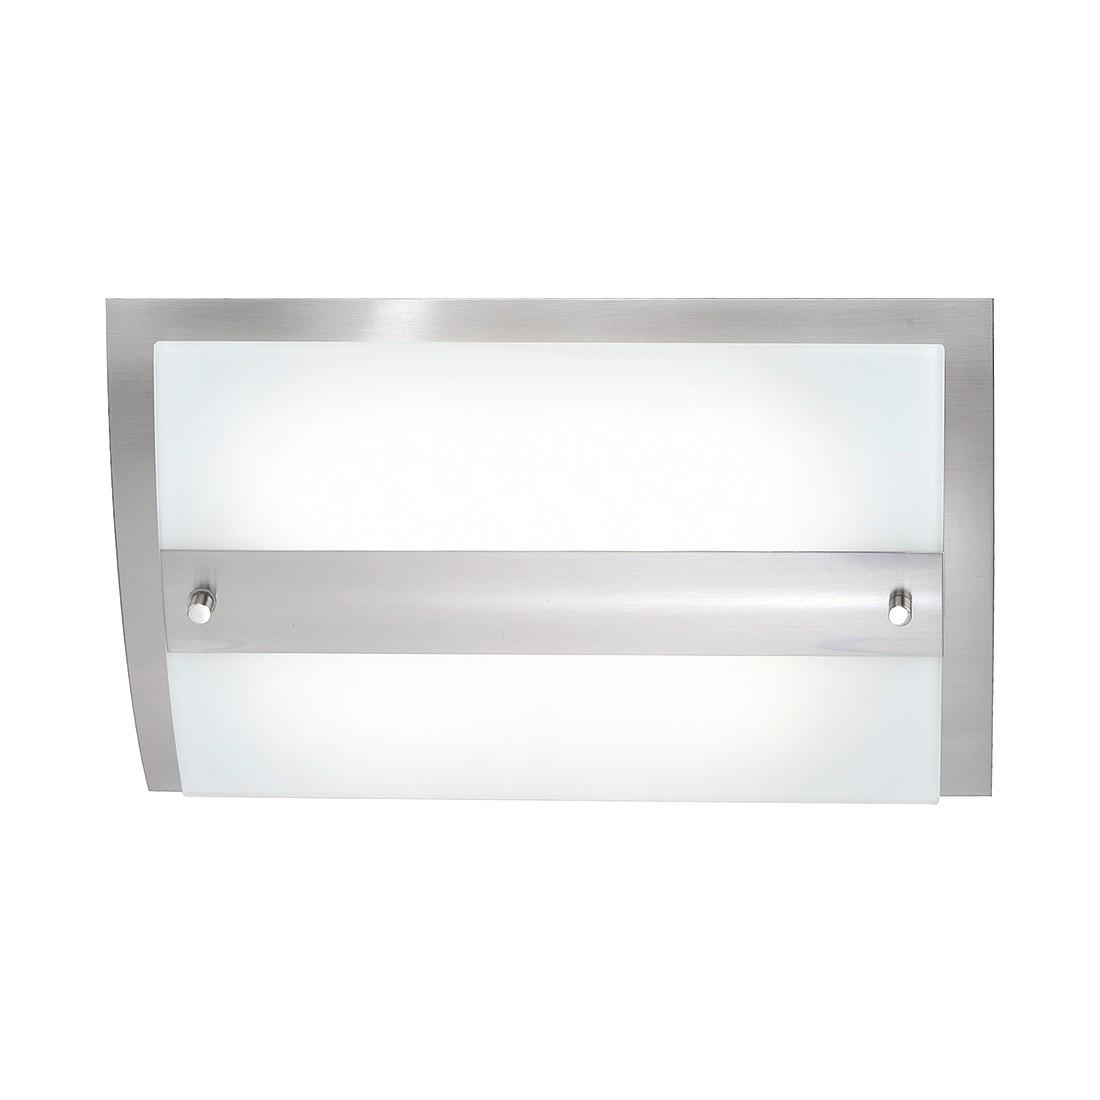 LED-Wandleuchte Friedland ● Nickel Matt ● Silber- FLI Leuchten A+